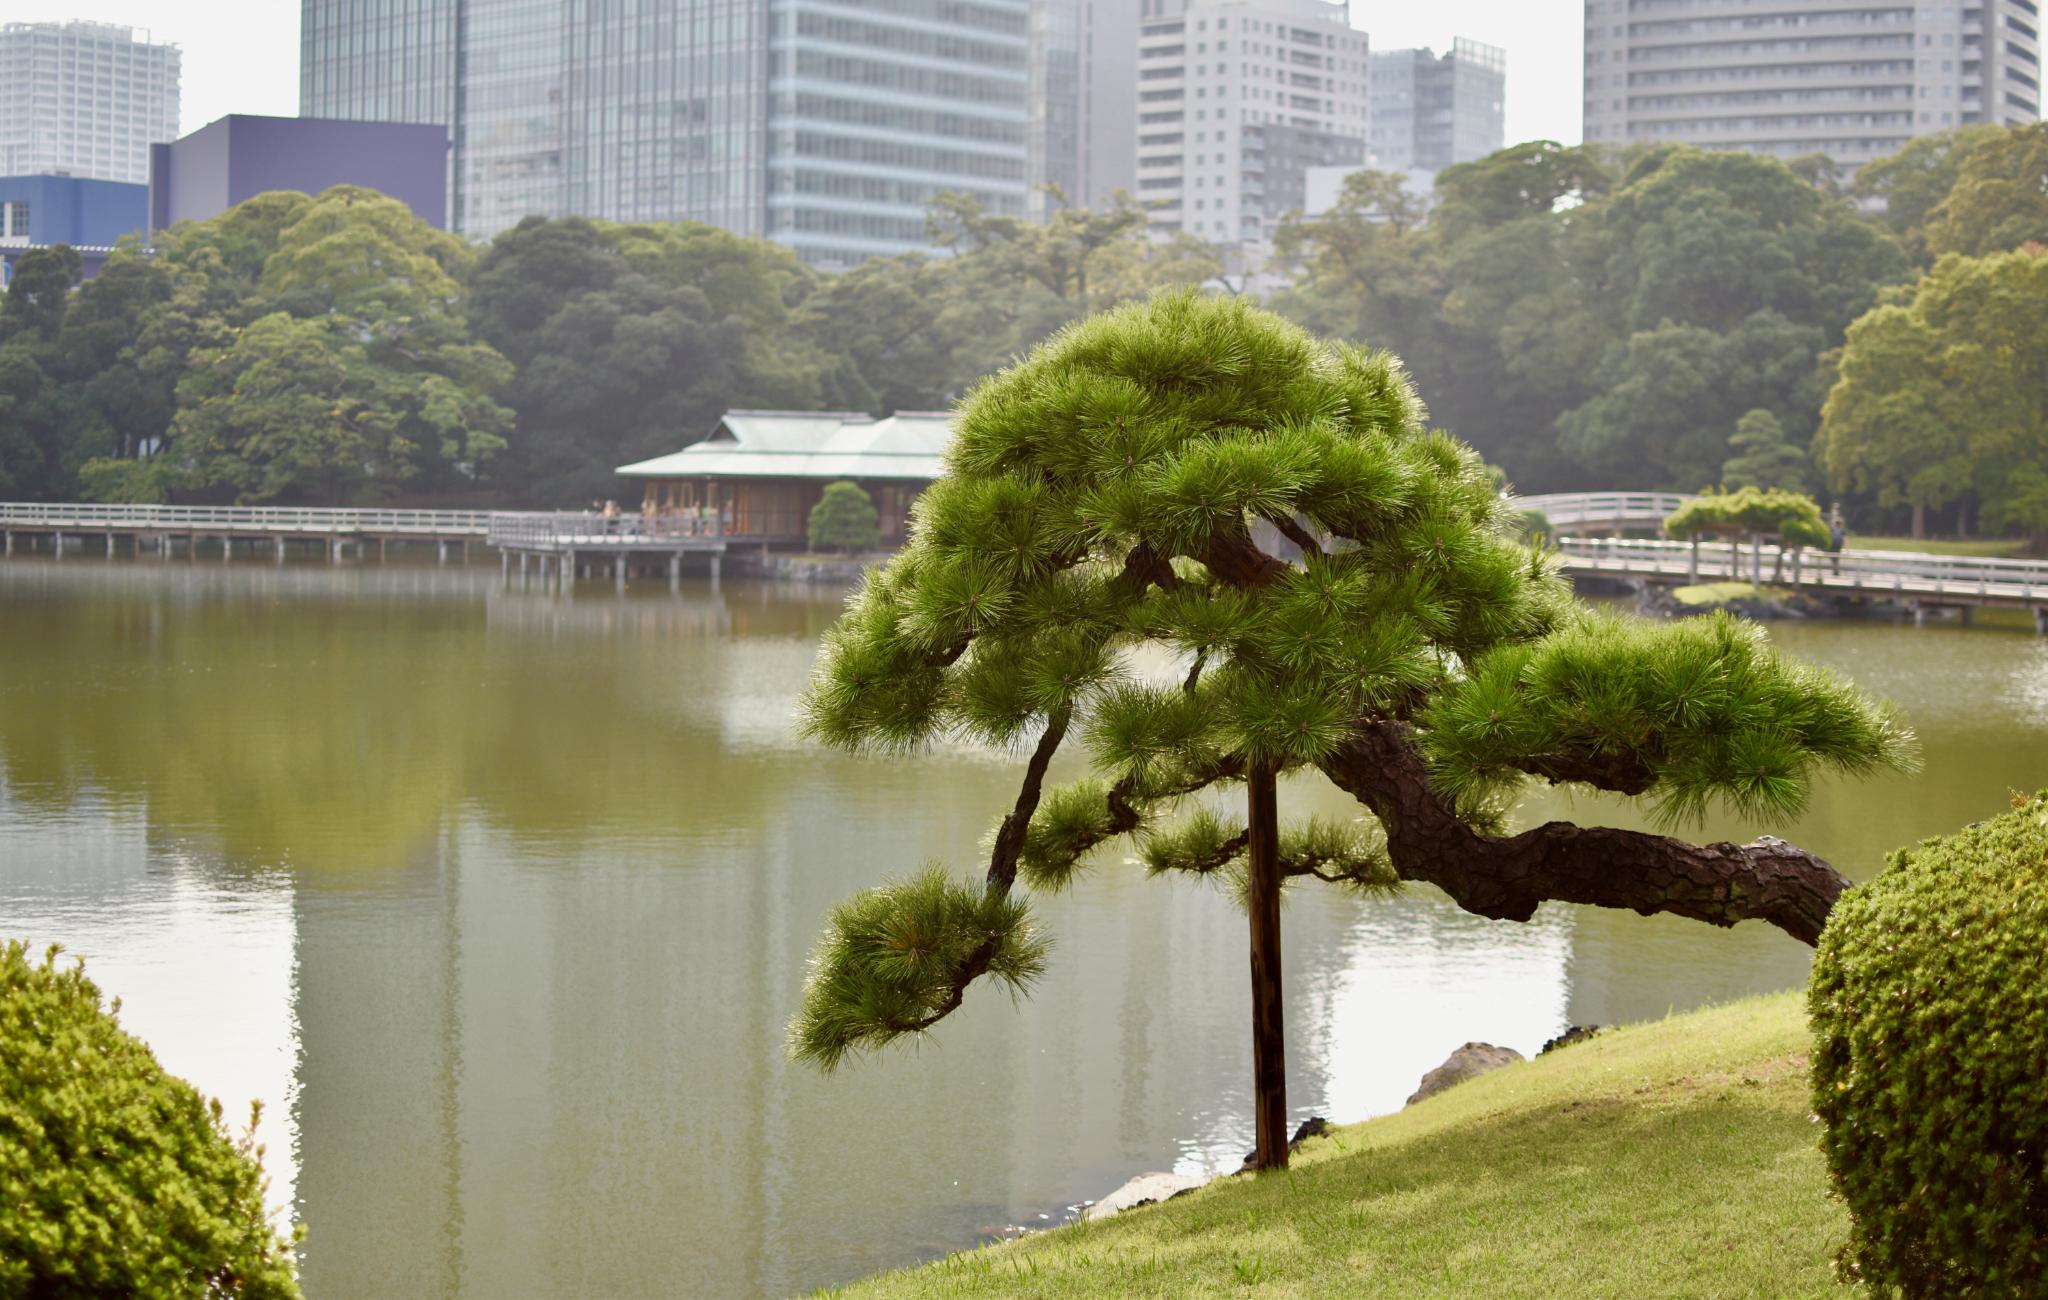 Certains pins sont de véritables bonsaï grandeur nature, avec des formes magnifiques